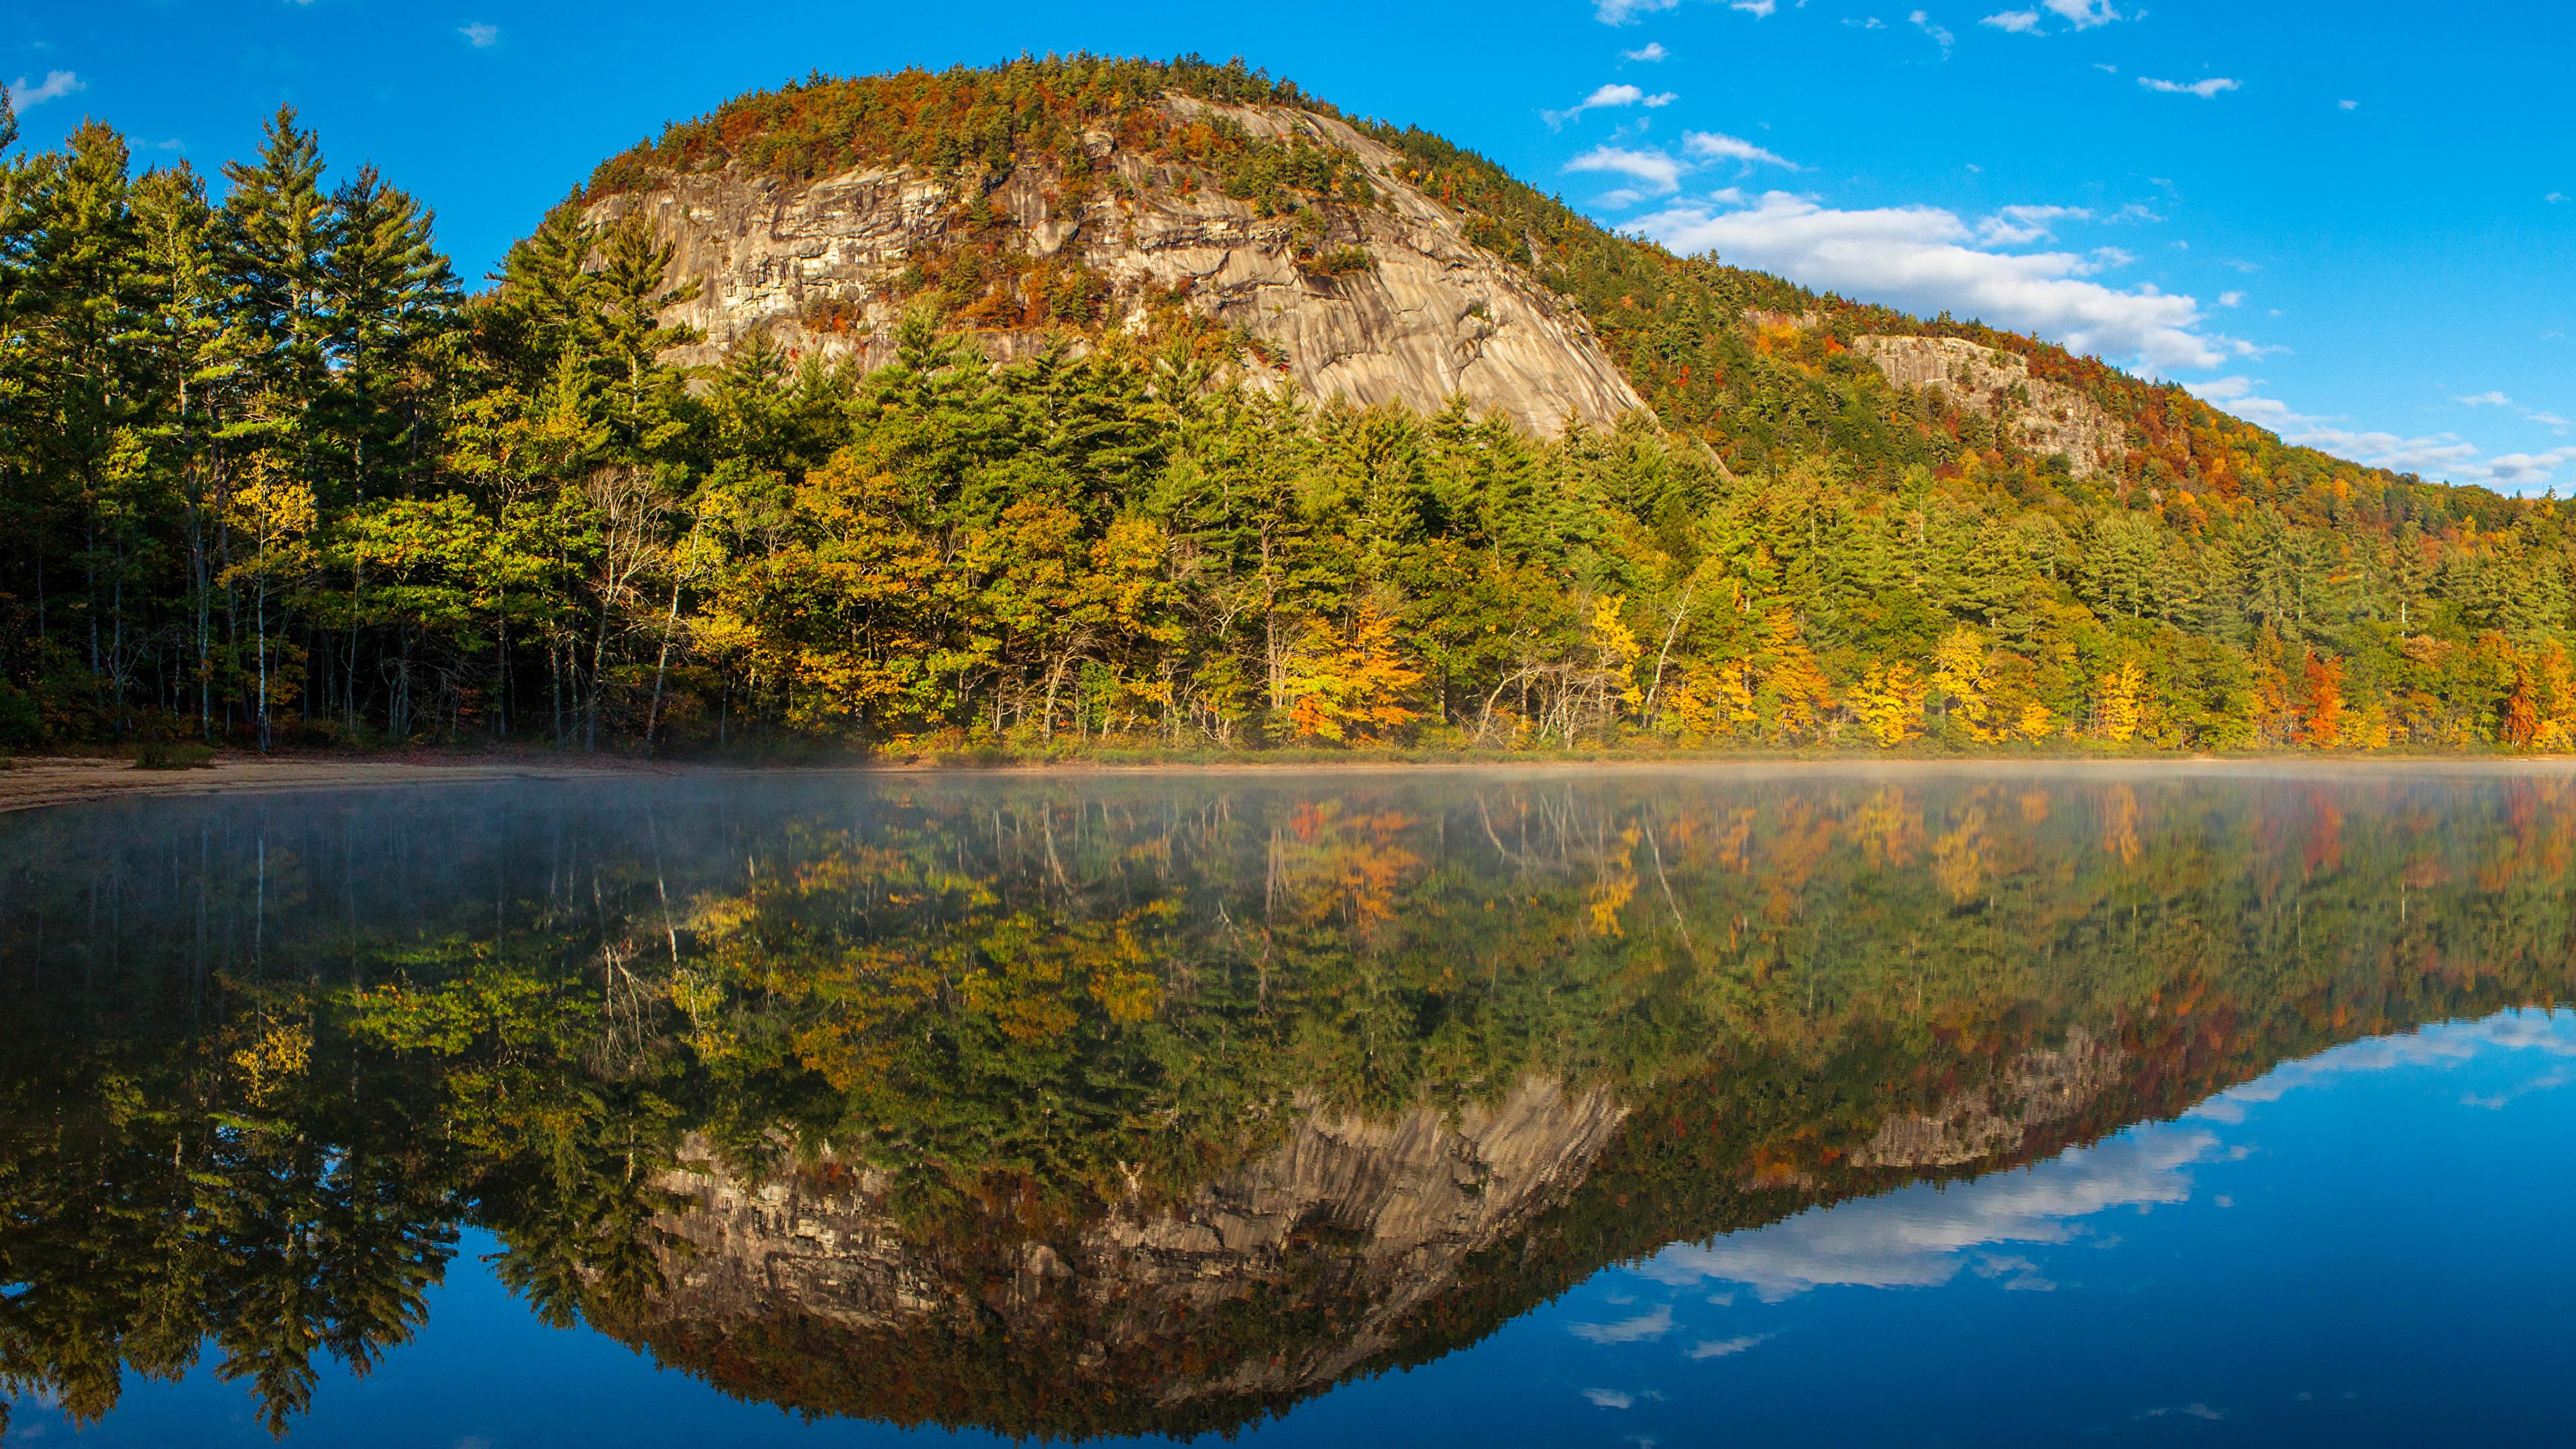 природа деревья осень озеро отражение горы загрузить